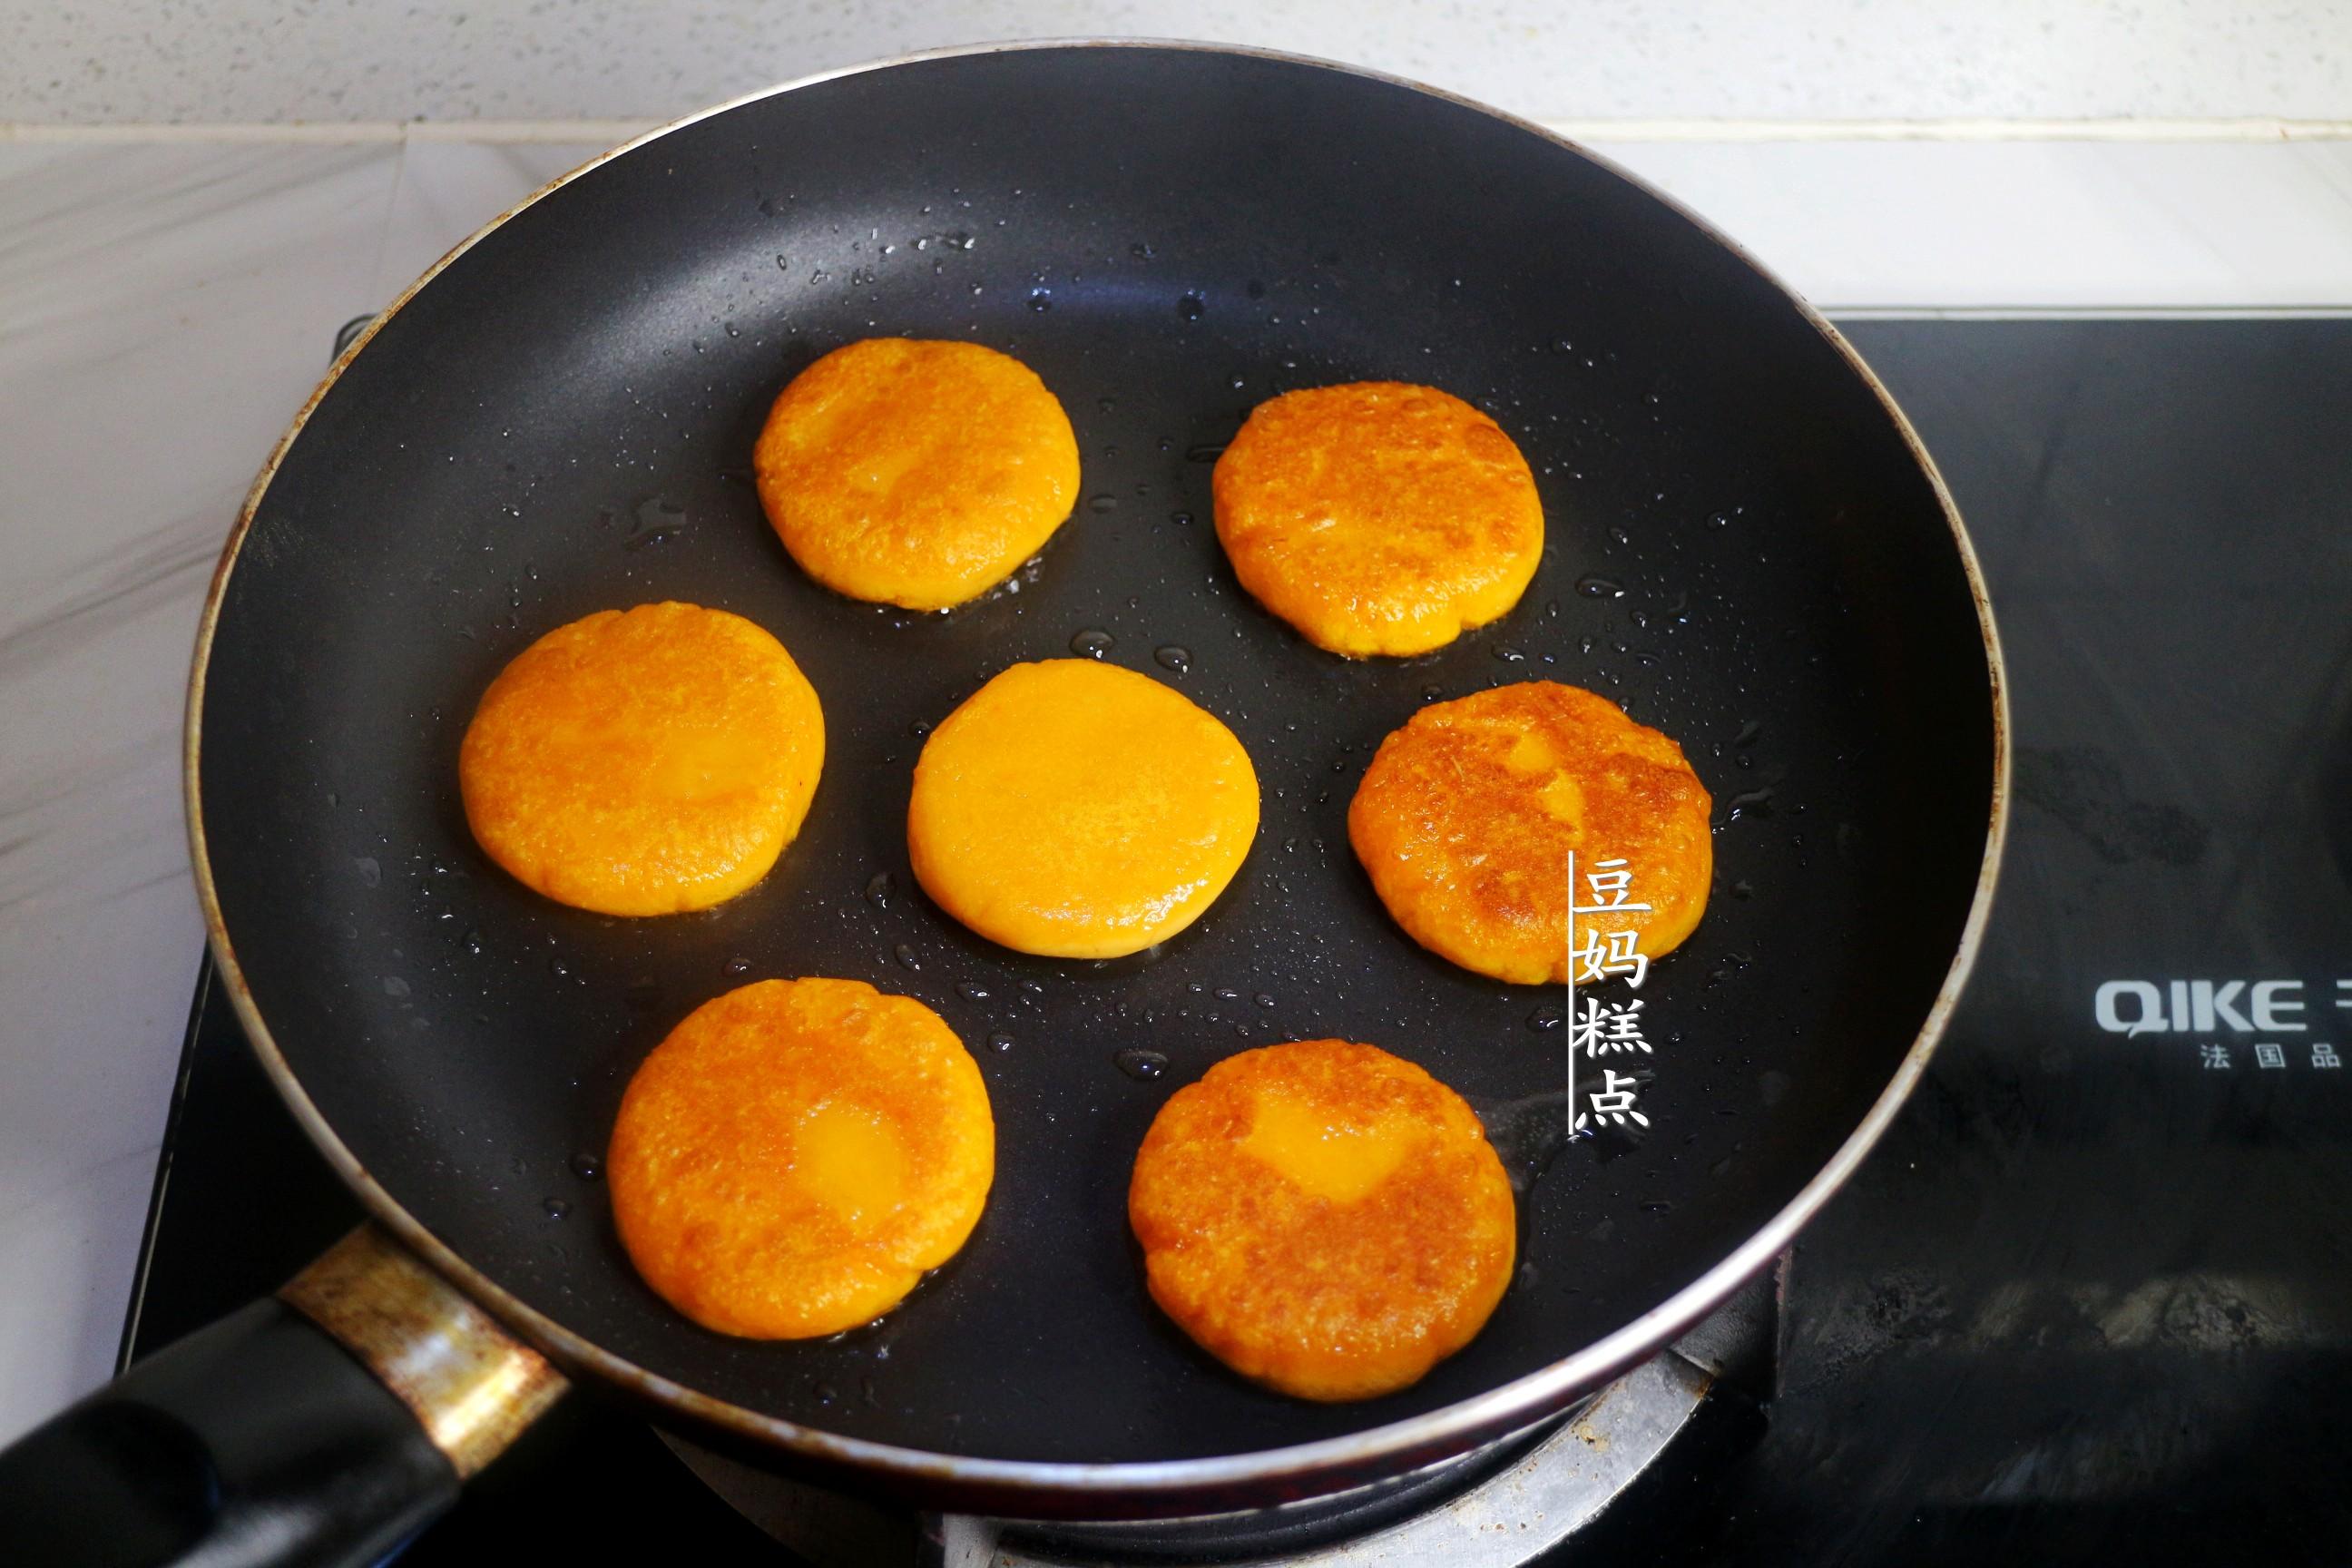 零失敗的,紅薯餅做法,軟糯香甜不發膩,太好吃了